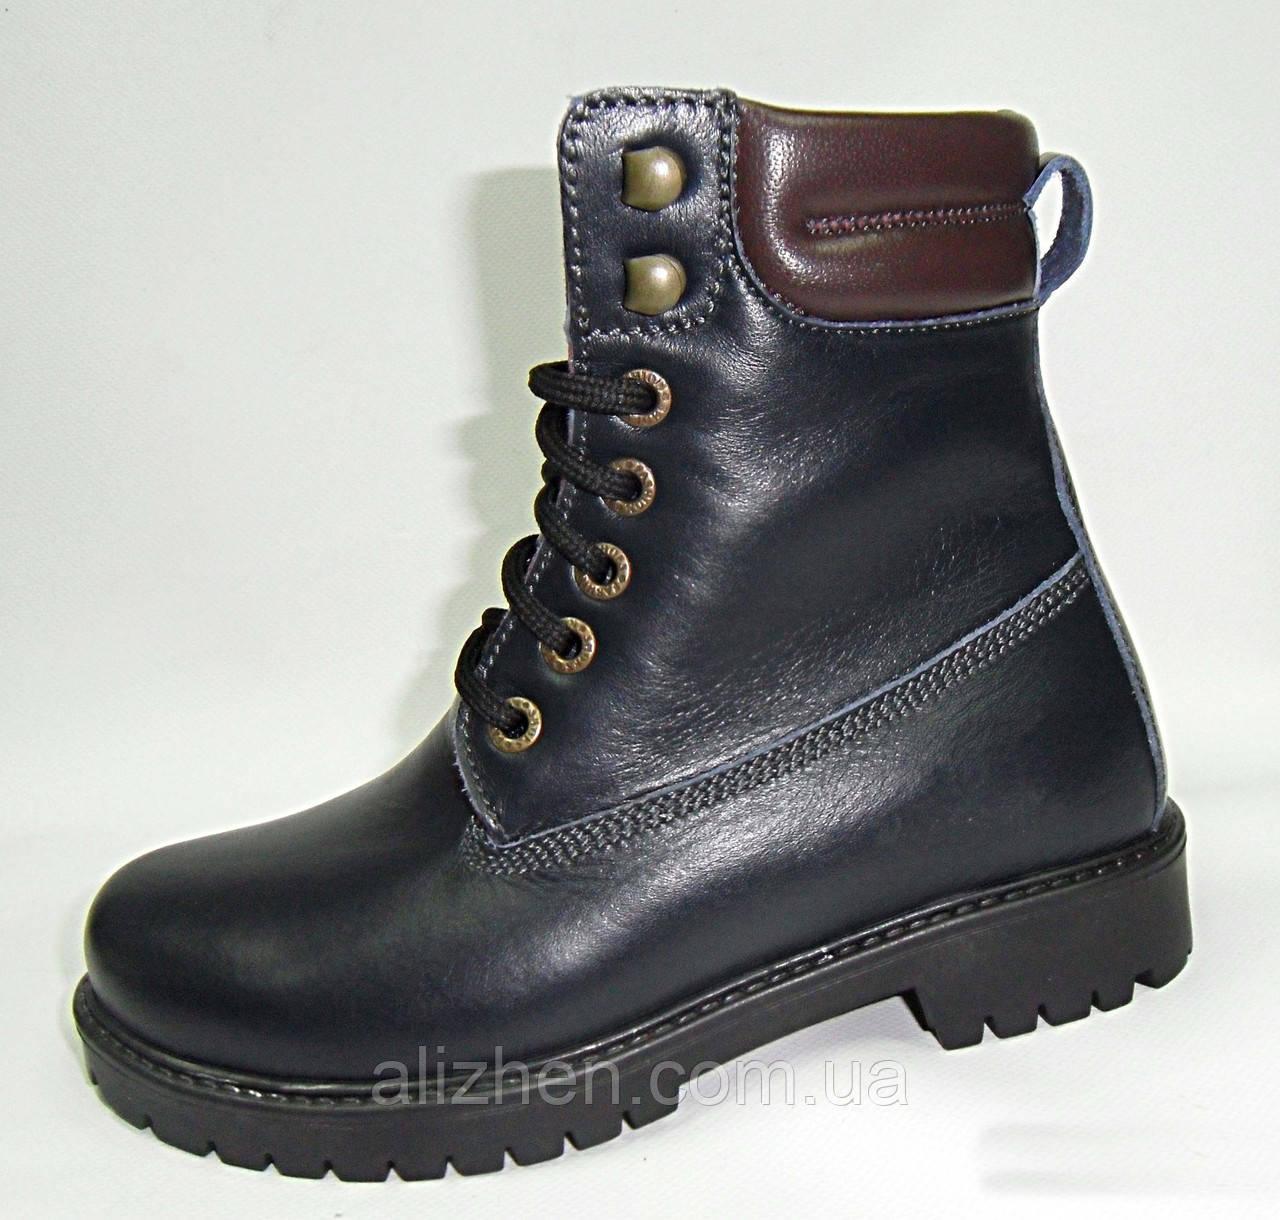 0797a7264 Зимниекожаніе ботинки на девочку 32,33,34,35,36,37,38,39 р, цена 1 ...